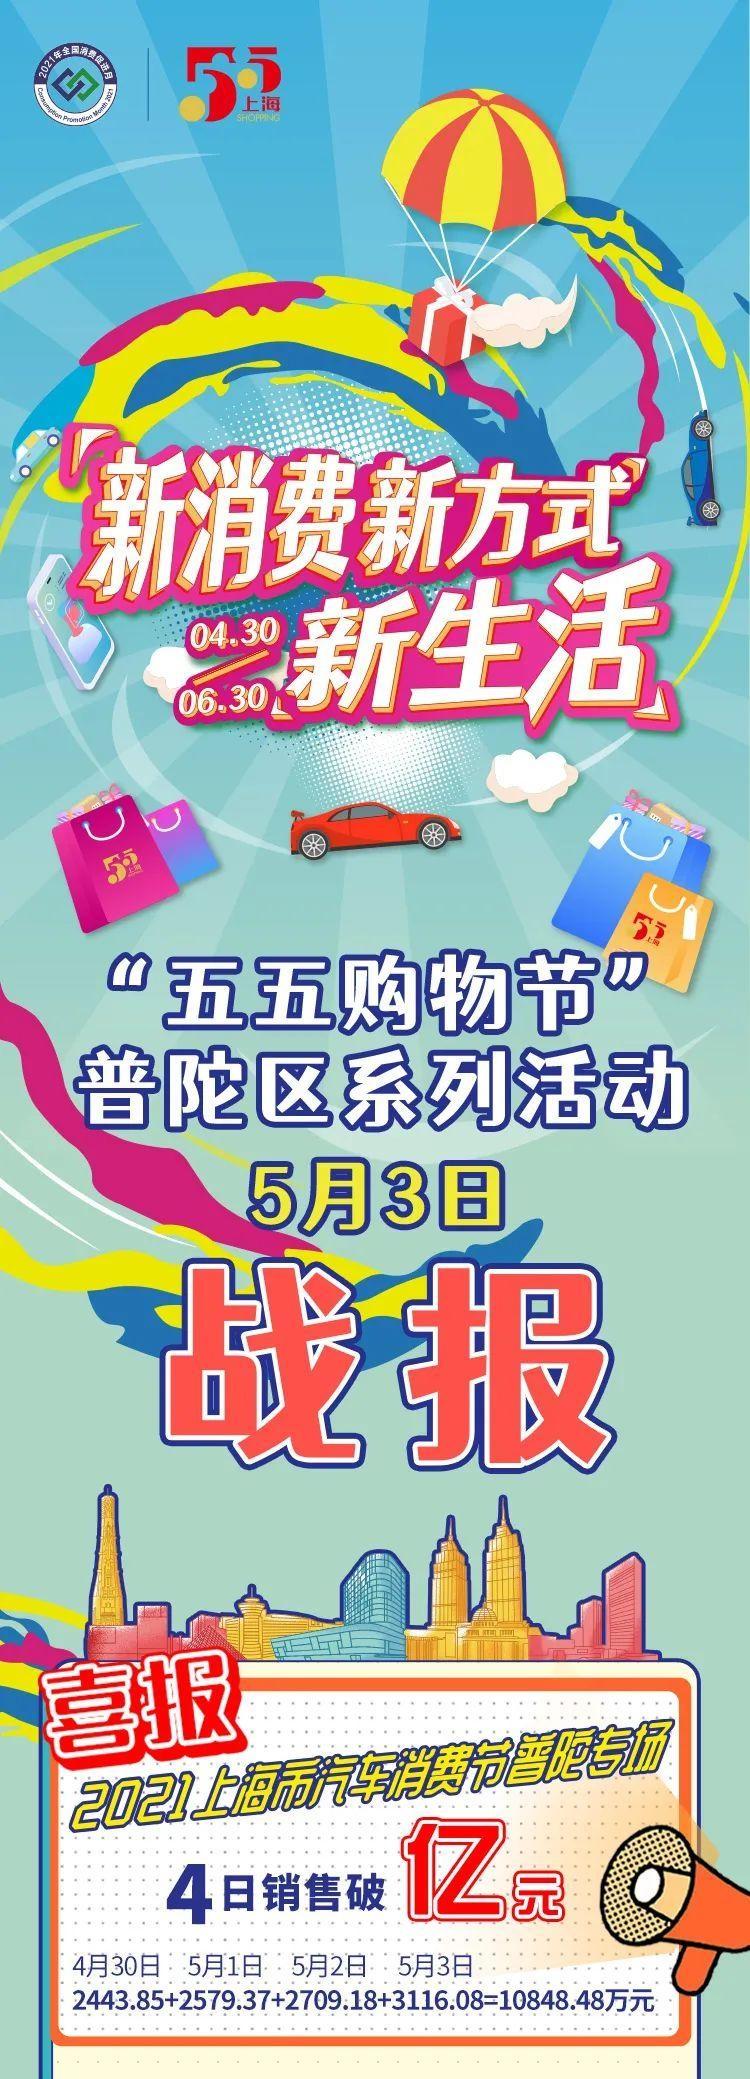 """""""五五购物节""""普陀区系列活动第四日战报"""